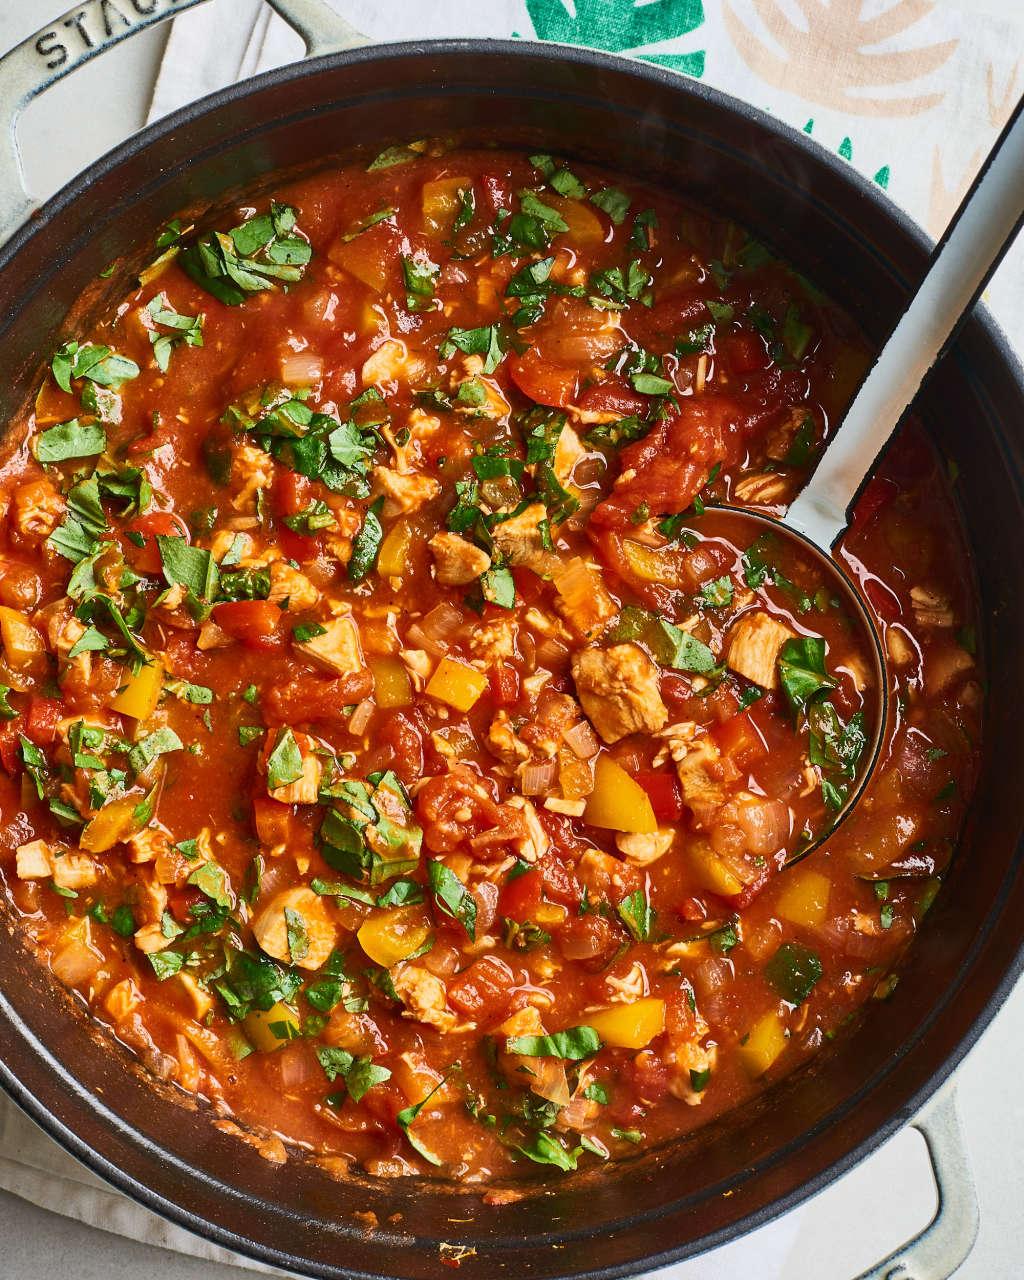 Ina Garten's Chicken Chili Recipe